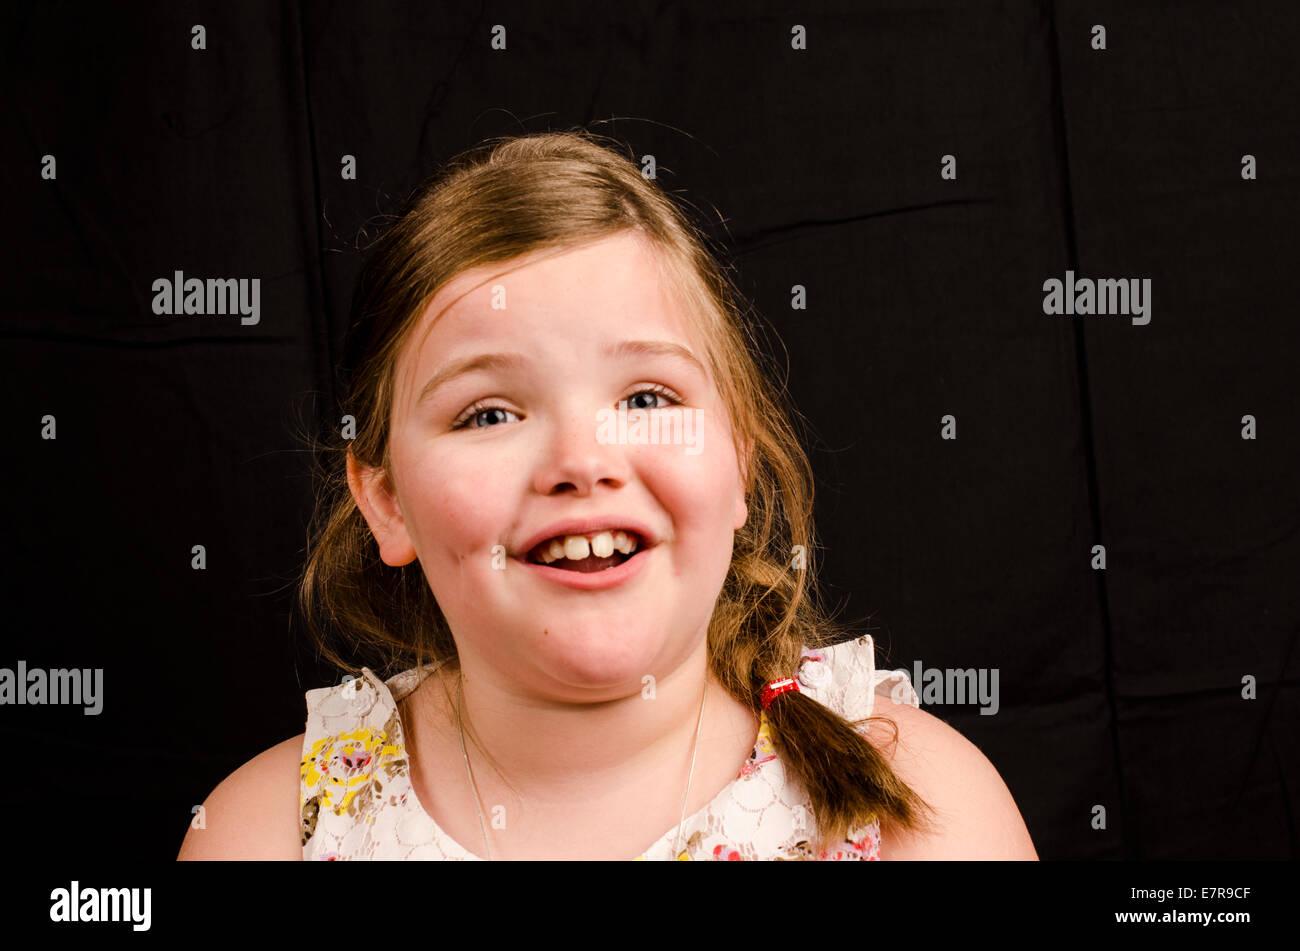 Imagen de una niña de 8 años sobre un fondo negro con una expresión feliz mostrando contentamiento Imagen De Stock